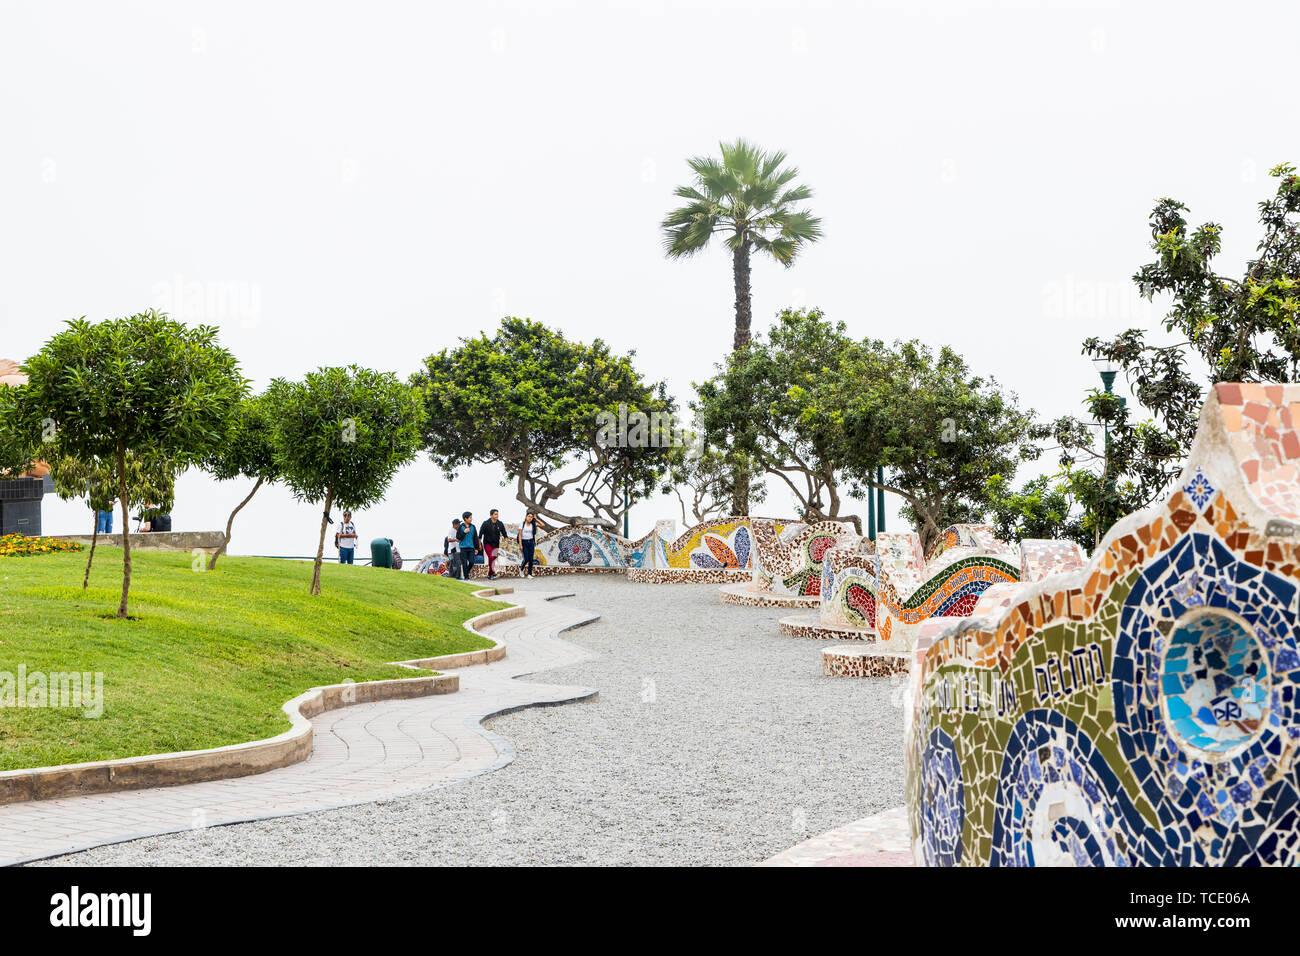 Normalmente misty day, en el Parque del Amor, amantes park, Miraflores, Lima, apodado El gris, el gris, Perú Foto de stock